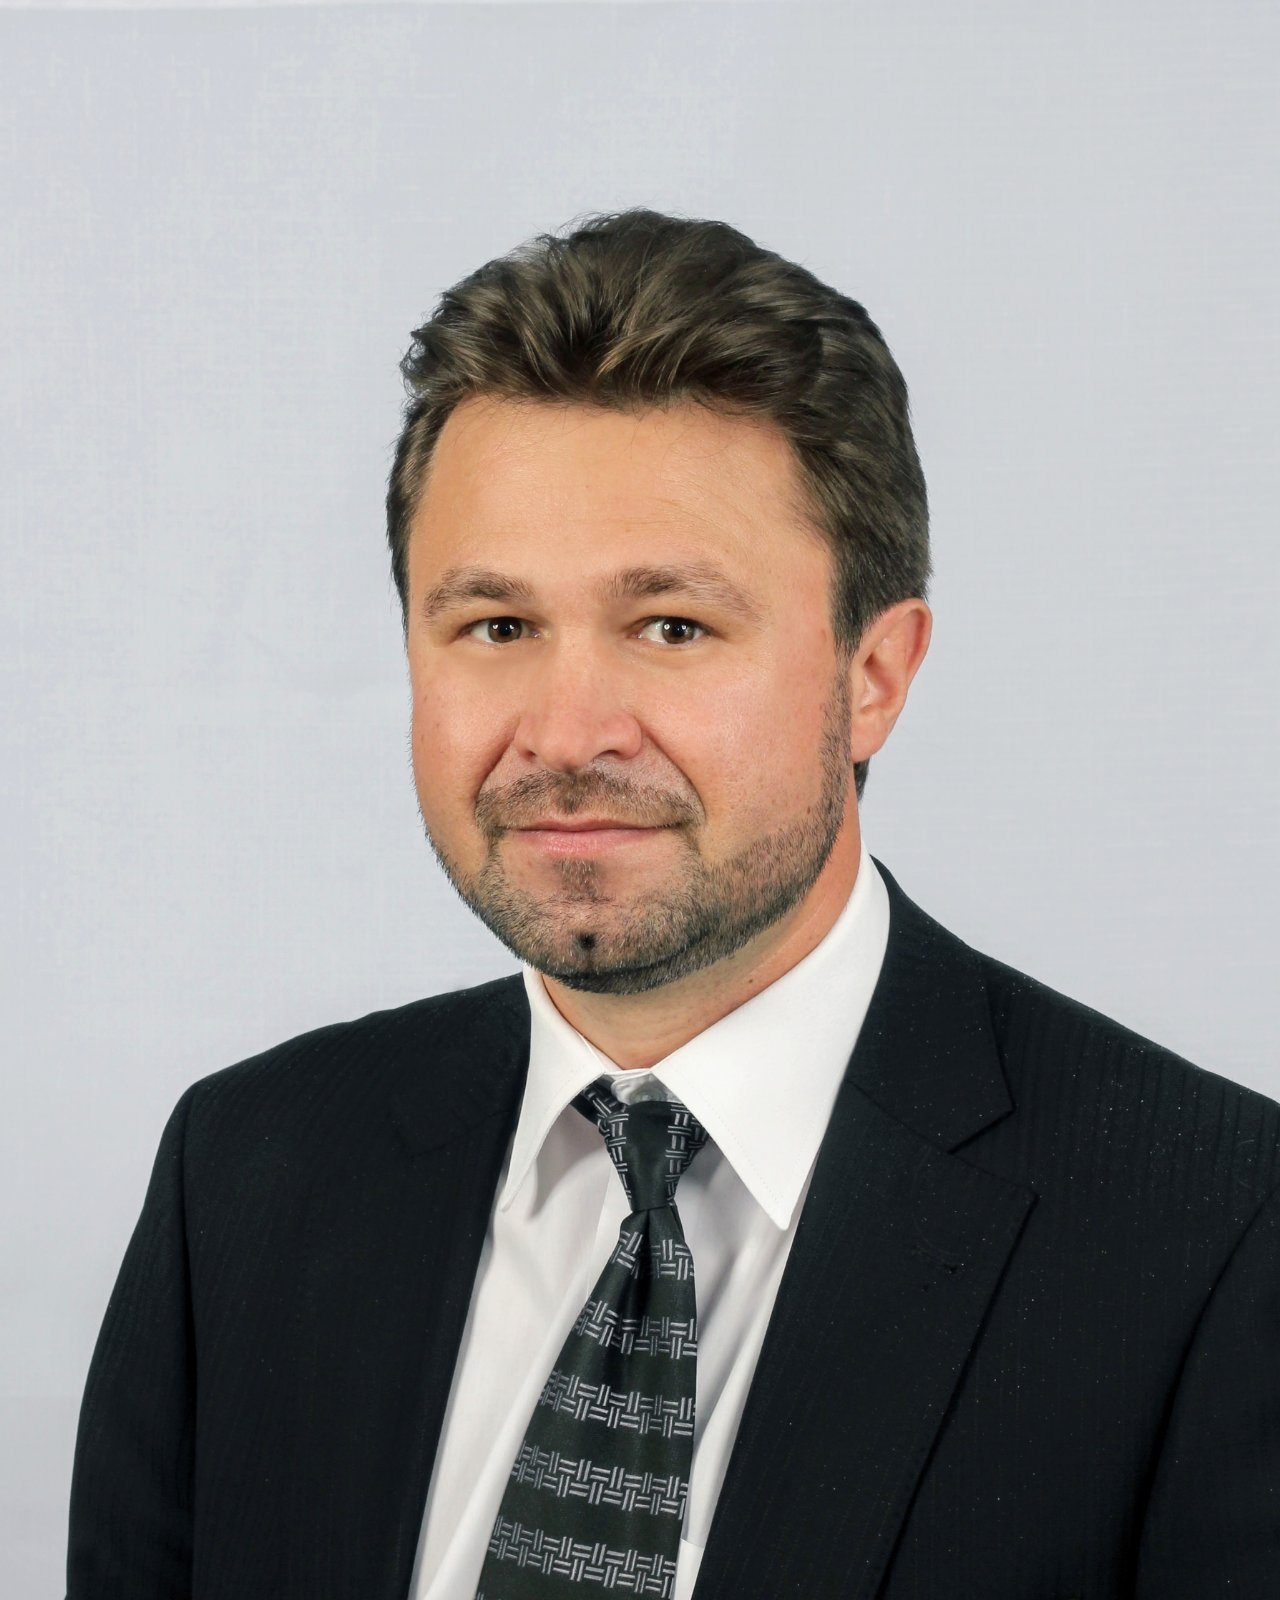 д-р Светослав Стефанов е новоизбраният областен председател на БСП- Област Търговище